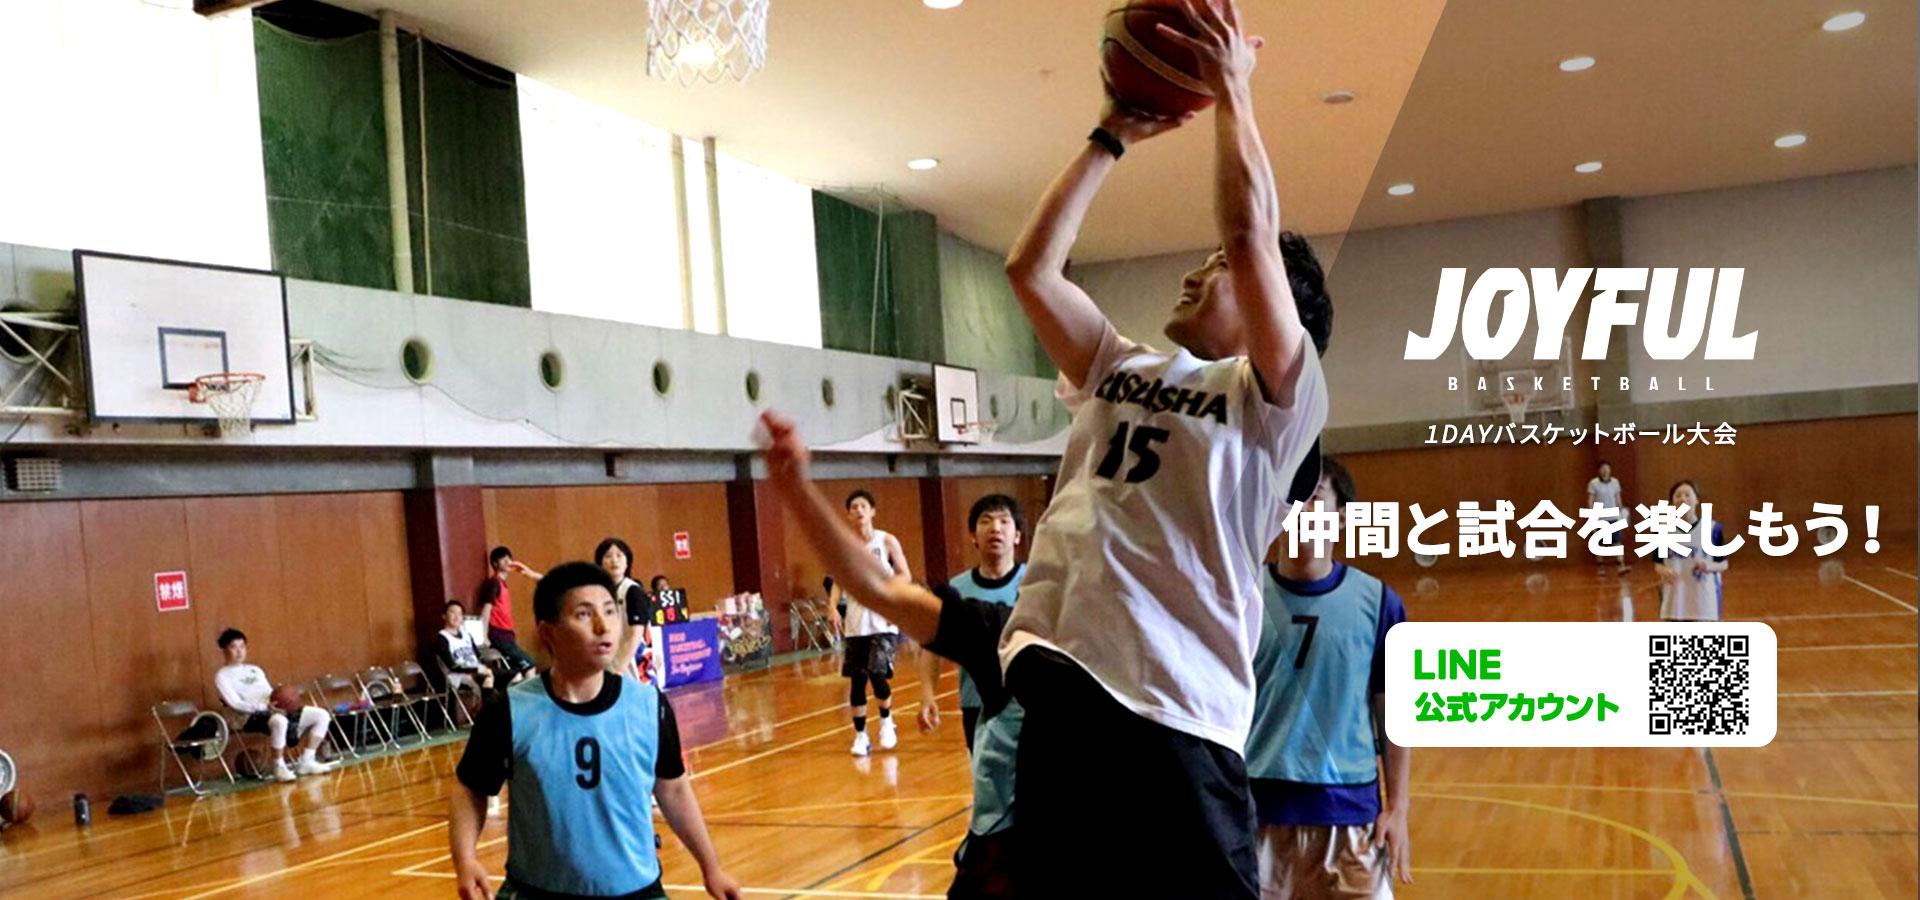 「仲間と試合を楽しもう!」ジョイフルリーグは1DAYバスケットボール大会専門のリーグです